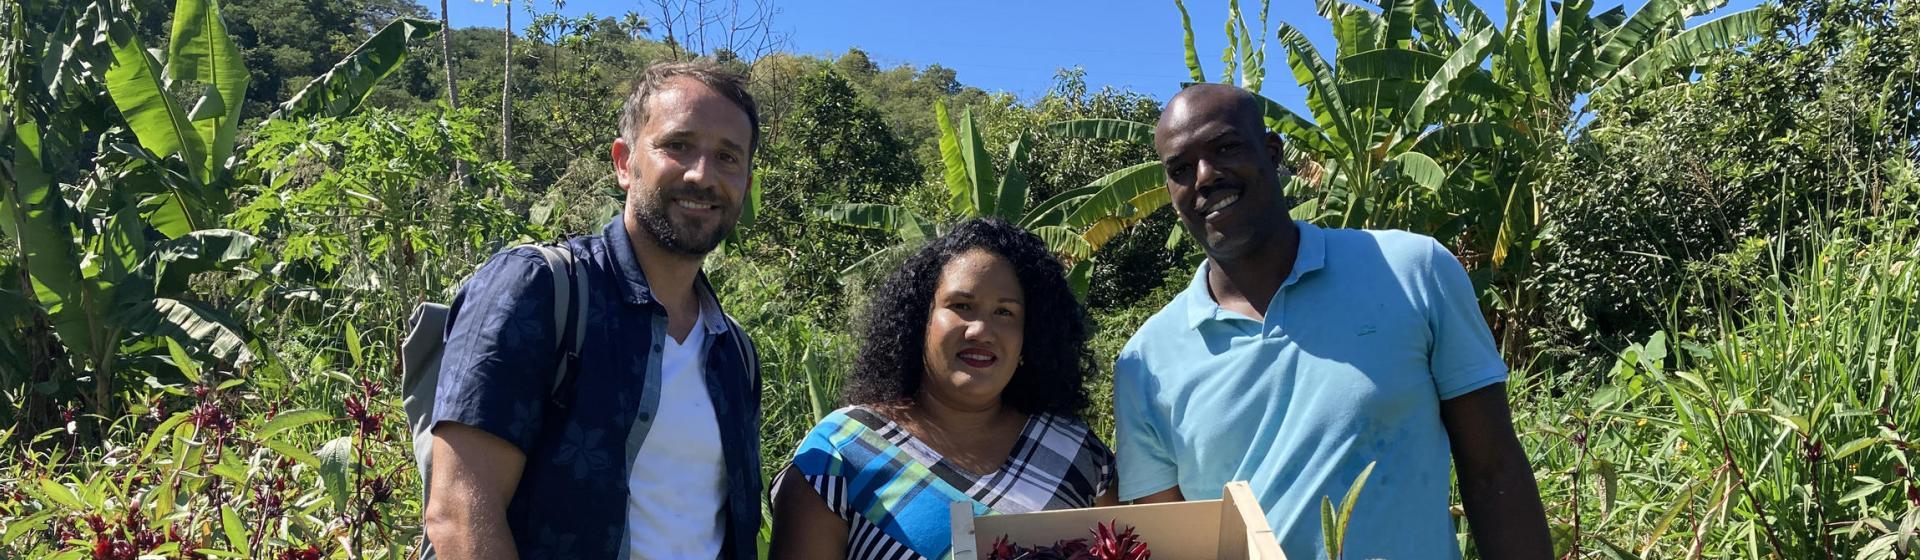 La Guadeloupe gourmande à l'honneur ce samedi dans ECHAPPEES BELLES sur France 5